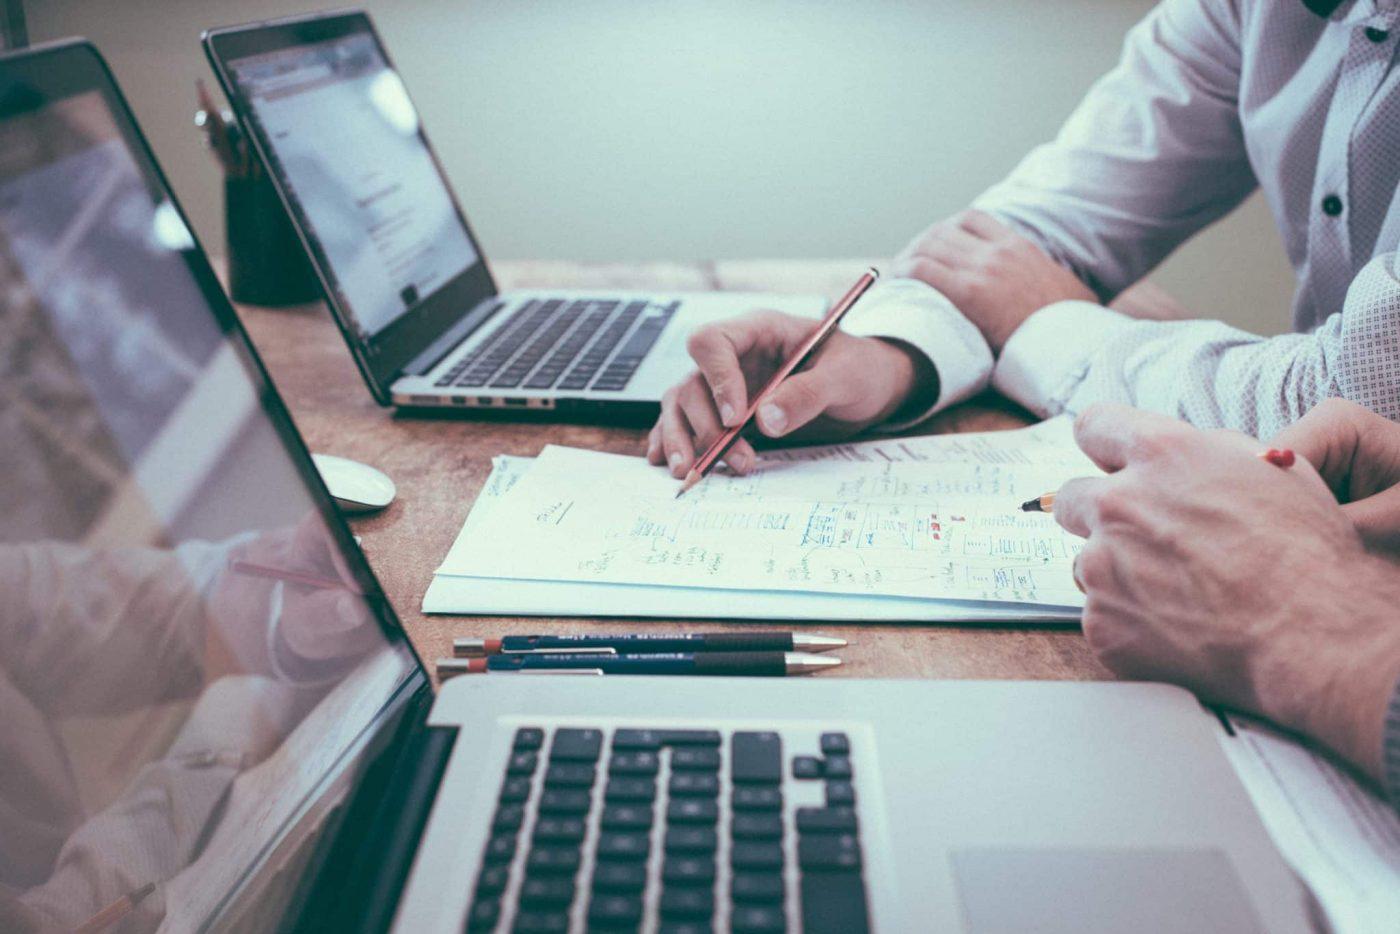 תכנון מס החייב בדיווח